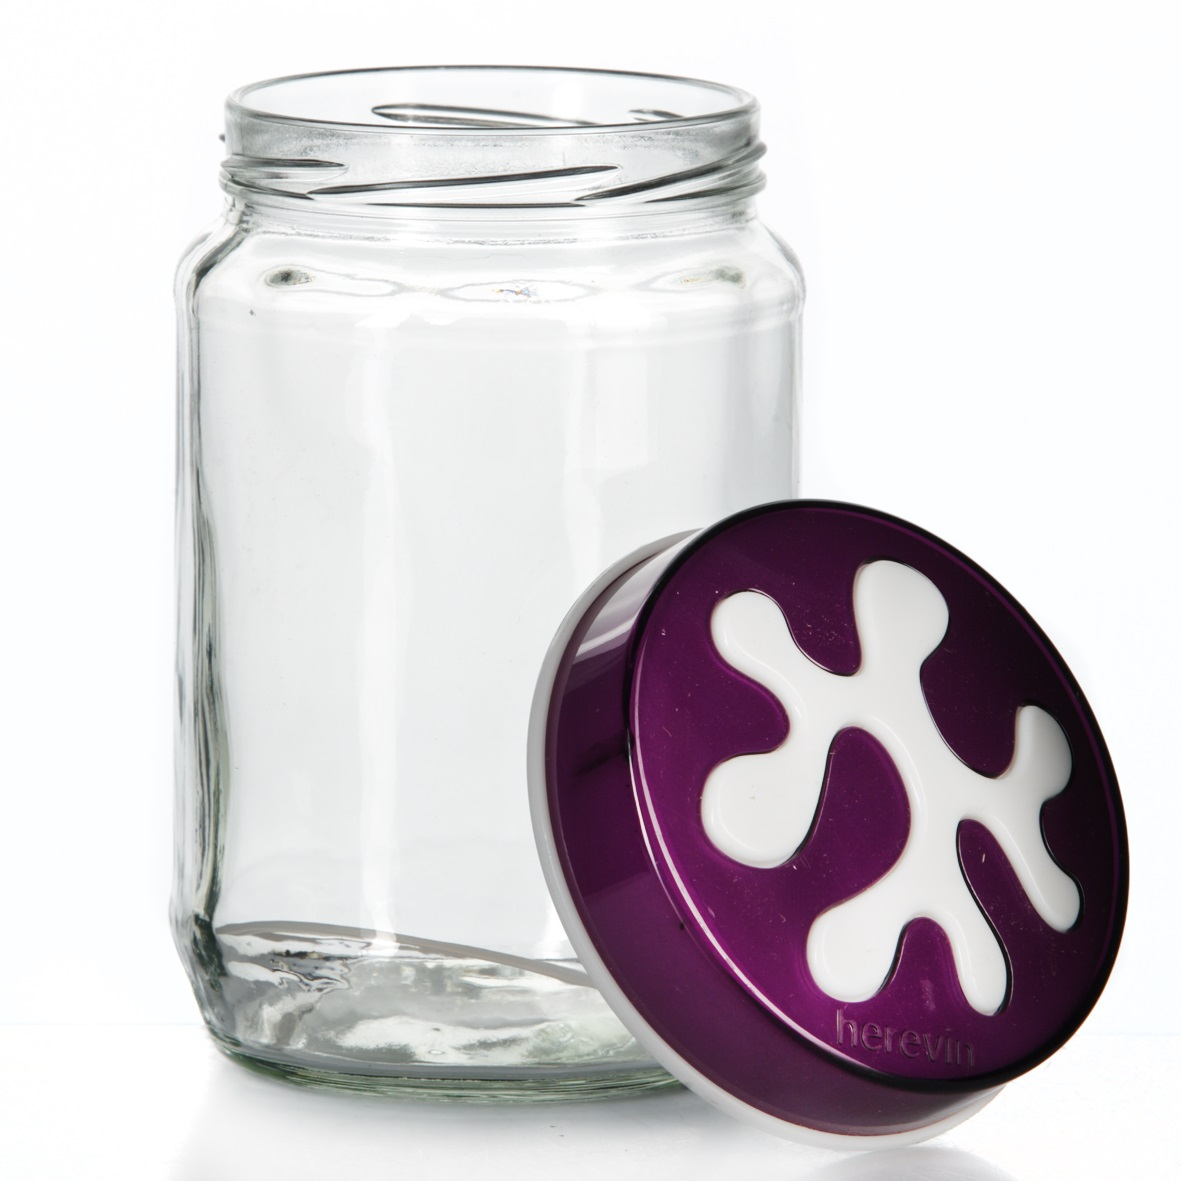 Банка для сыпучих продуктов Herevin, цвет: фиолетовый, 720 мл. 135367-003VT-1520(SR)Банка для сыпучих продуктов Herevin изготовлена из прочного стекла и оснащена плотно закрывающейся пластиковой крышкой. Благодаря этому внутри сохраняется герметичность, и продукты дольше остаются свежими. Изделие предназначено для хранения различных сыпучих продуктов: круп, чая, сахара, орехов и т.д. Функциональная и вместительная, такая банка станет незаменимым аксессуаром на любой кухне. Можно мыть в посудомоечной машине. Пластиковые части рекомендуется мыть вручную.Объем: 720 мл.Диаметр (по верхнему краю): 7,5 см.Высота банки (без учета крышки): 14 см.